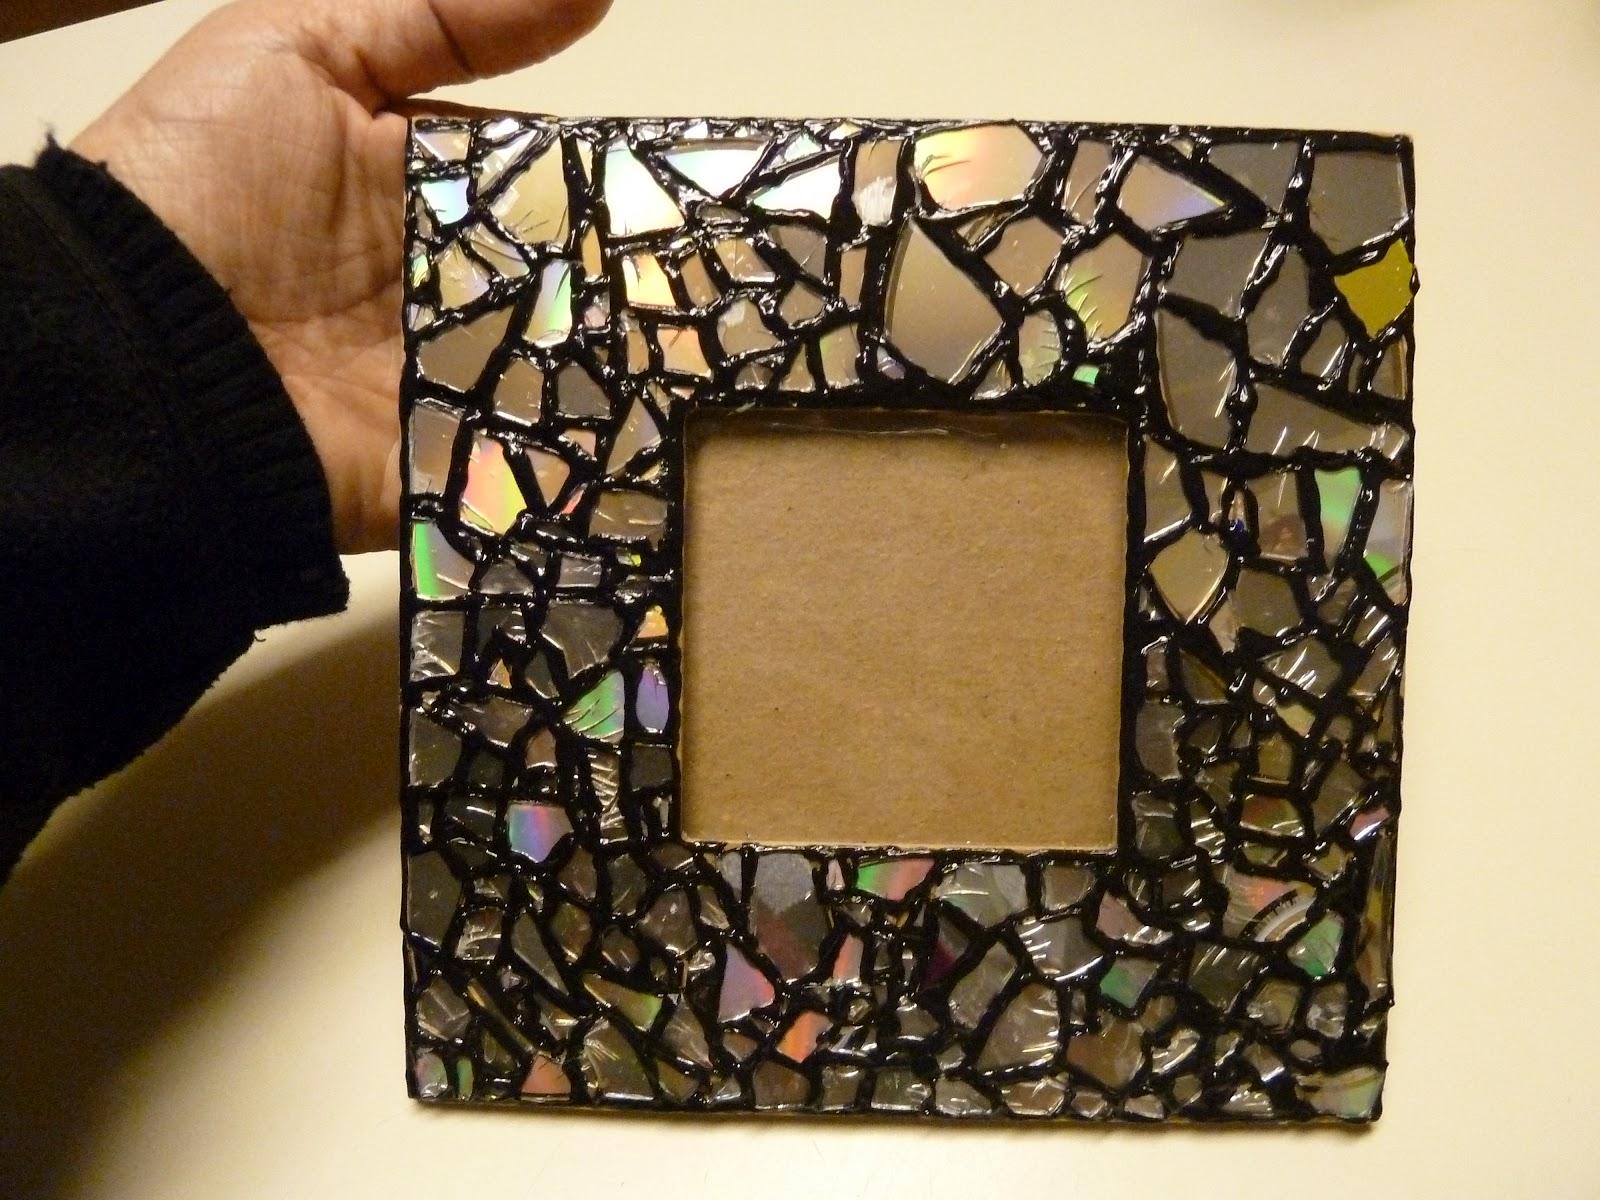 Угловой портал для камина своими руками фото скачайте